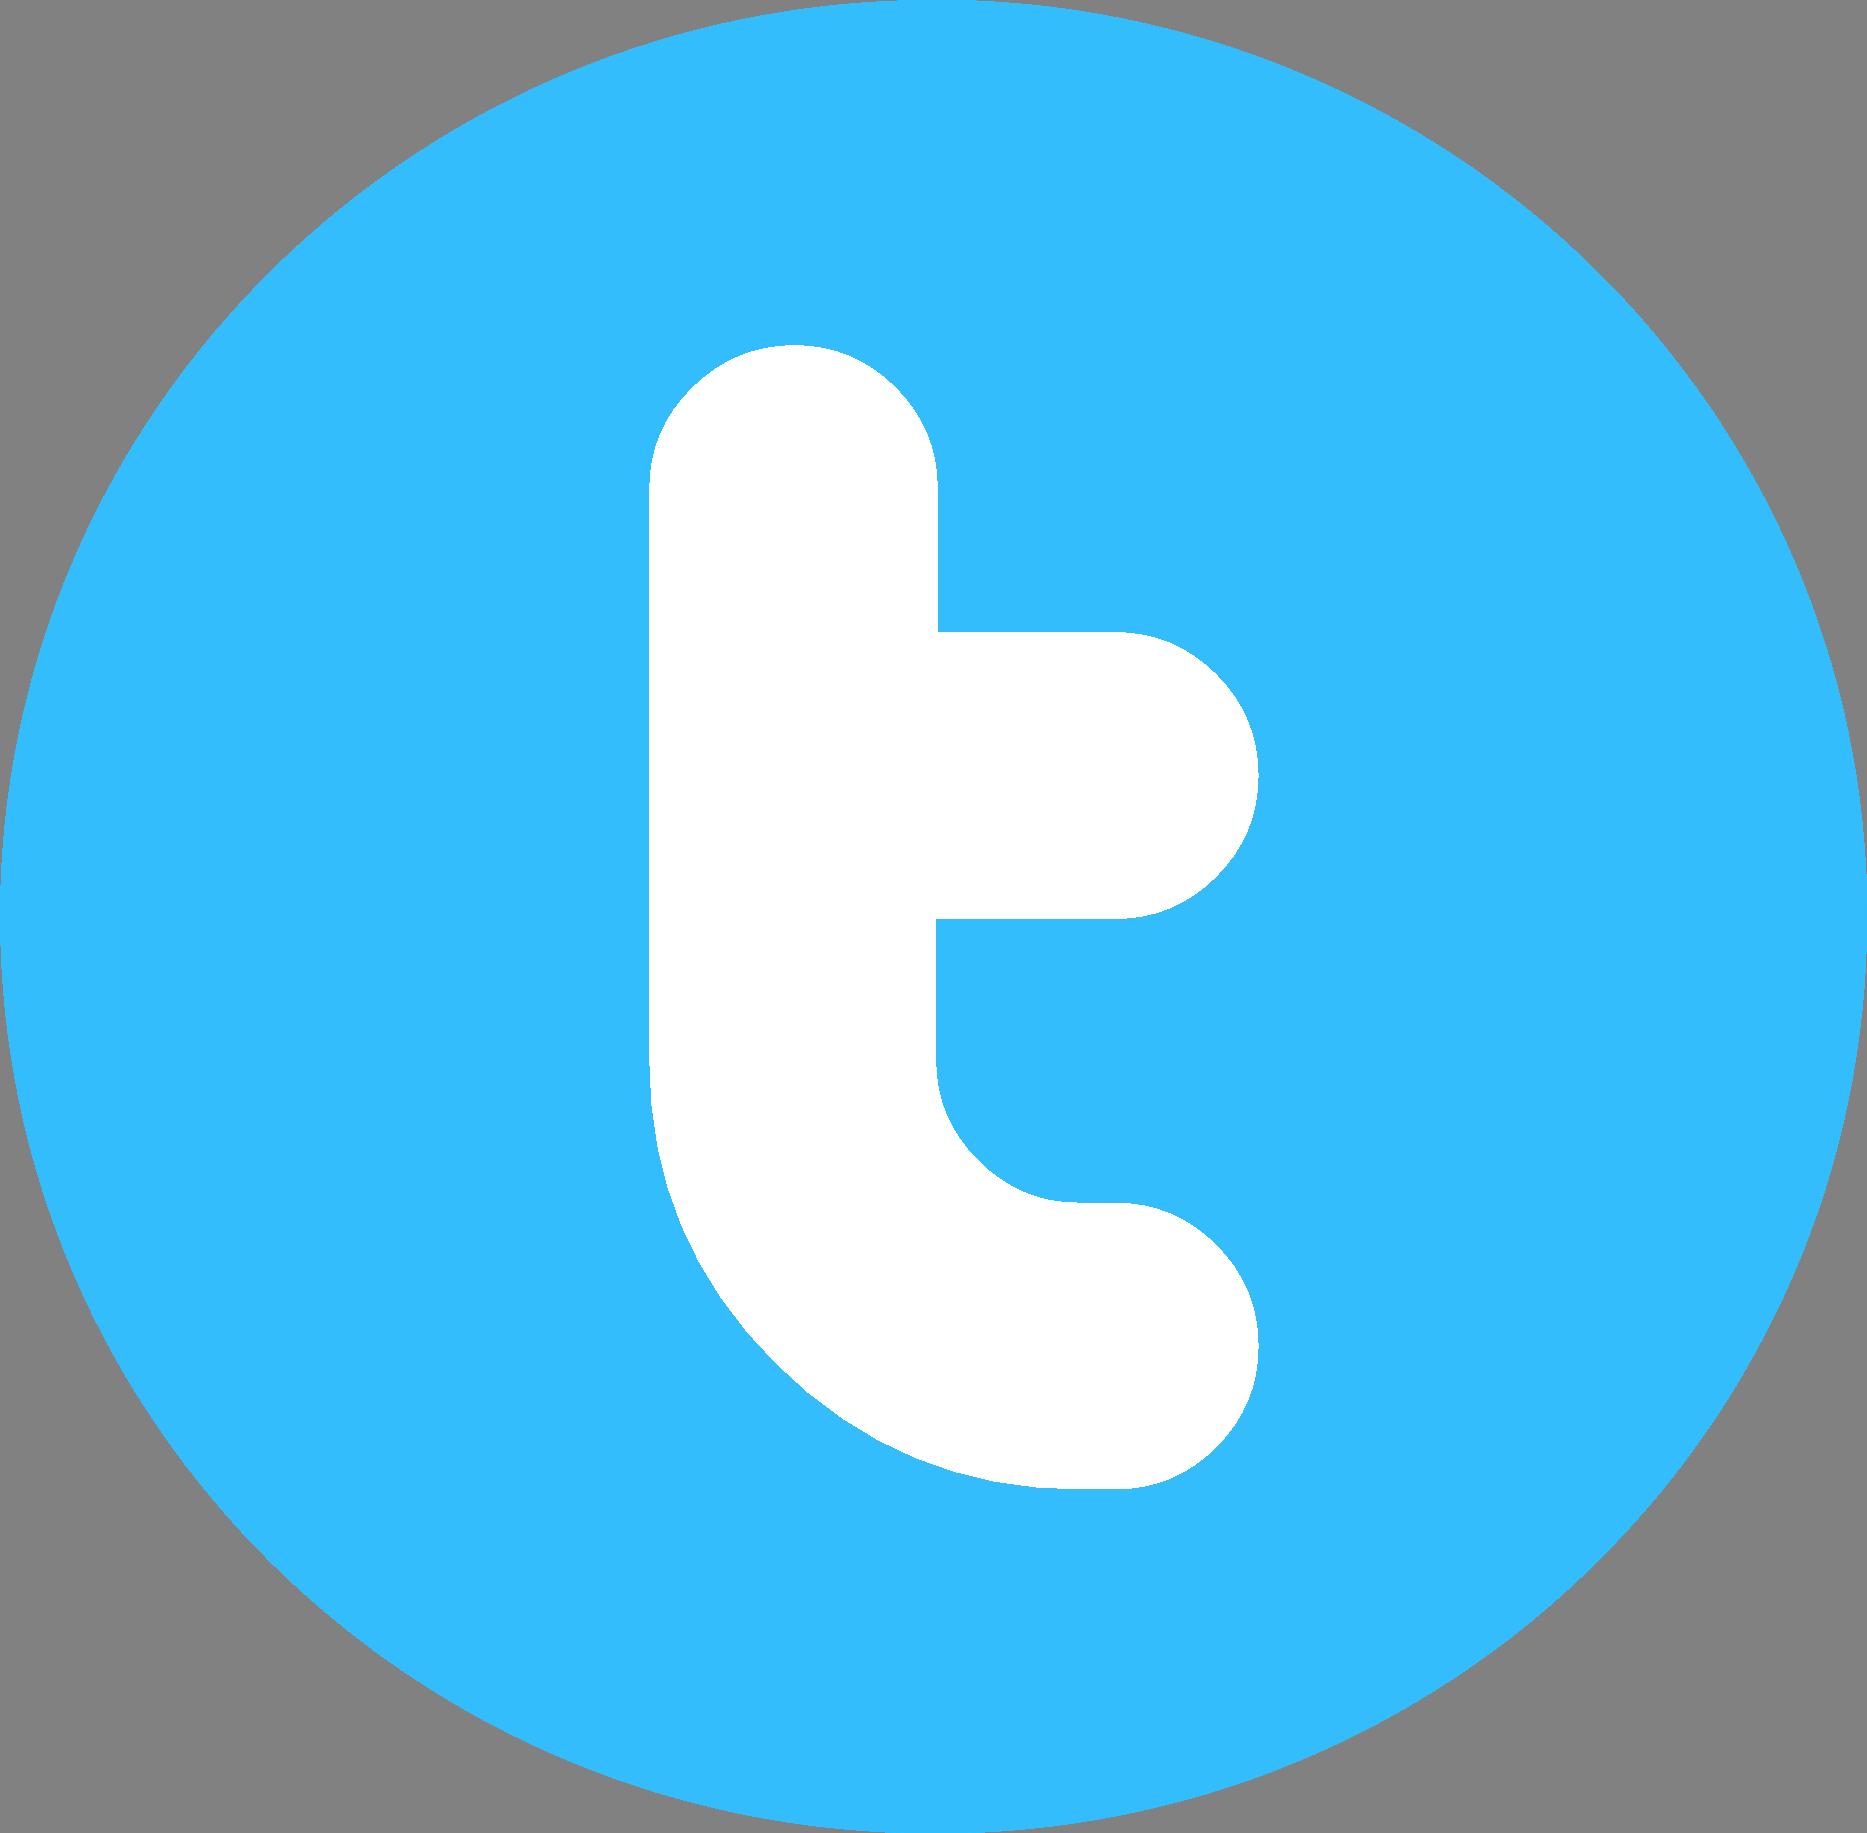 Twitter Round Logo Wallpaper